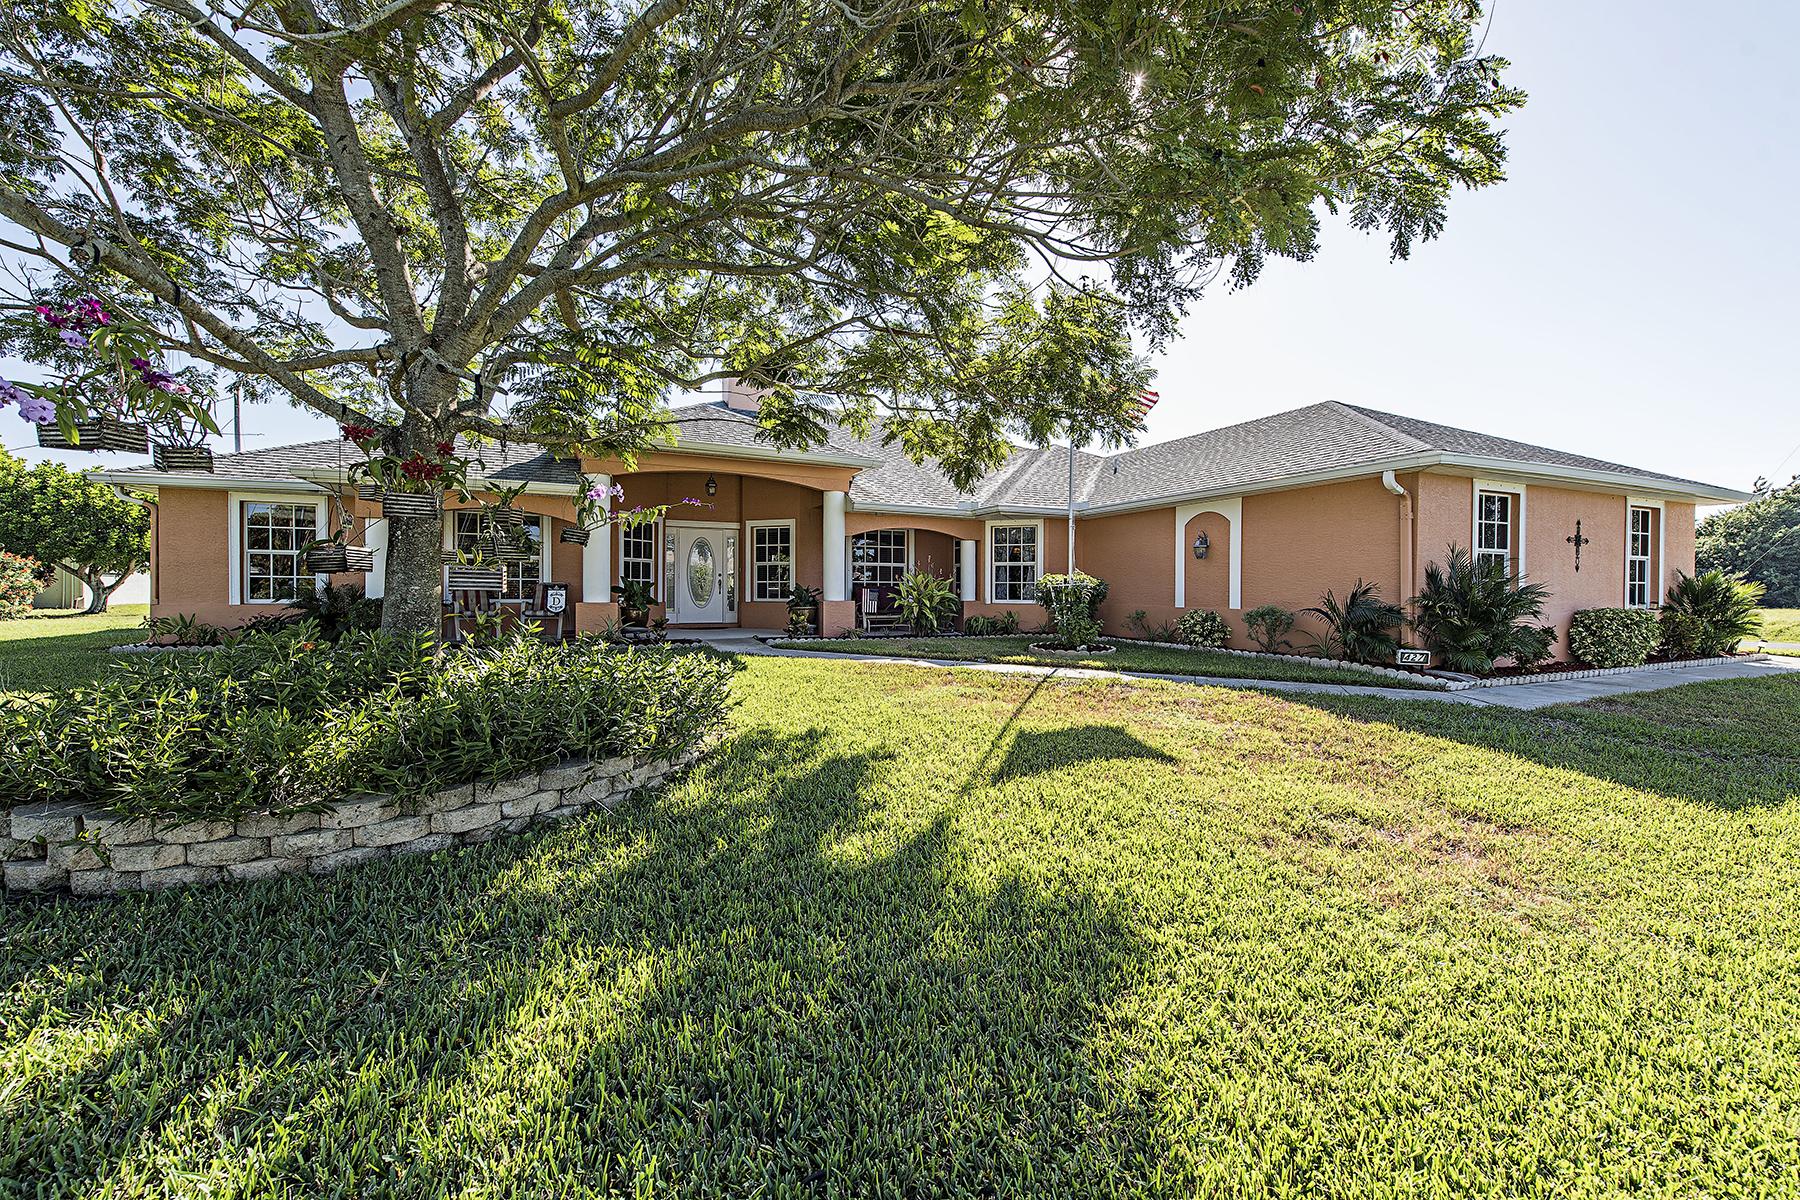 独户住宅 为 销售 在 CAPE CORAL 427 SE 23rd Ave 凯普珊瑚, 佛罗里达州 33990 美国